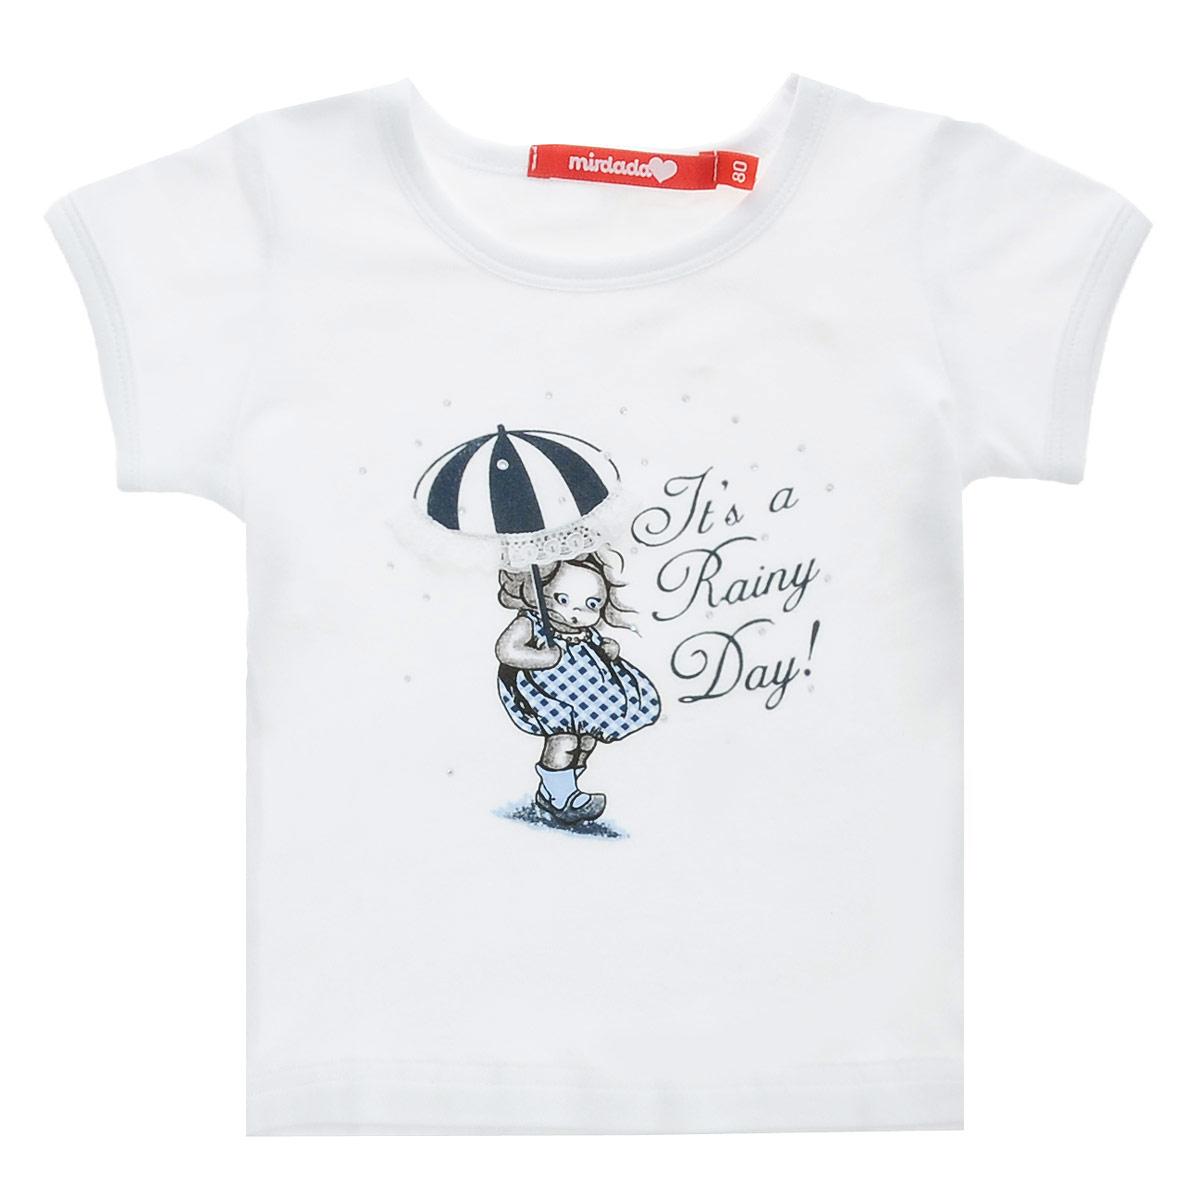 Футболка10-31Оригинальная футболка для девочки Mirdada Rainy идеально подойдет вашей маленькой принцессе. Изготовленная из эластичного хлопка, она необычайно мягкая и приятная на ощупь, не сковывает движения малышки и позволяет коже дышать, не раздражает даже самую нежную и чувствительную кожу ребенка, обеспечивая ему наибольший комфорт. Футболка с короткими рукавами и круглым вырезом горловины спереди оформлена оригинальным рисунком девочки с зонтиком, декорированным россыпью страз, и надписью Its a Rainy Day!. Оригинальный современный дизайн и модная расцветка делают эту футболку модным и стильным предметом детского гардероба. В ней ваша малышка будет чувствовать себя уютно и комфортно, и всегда будет в центре внимания!